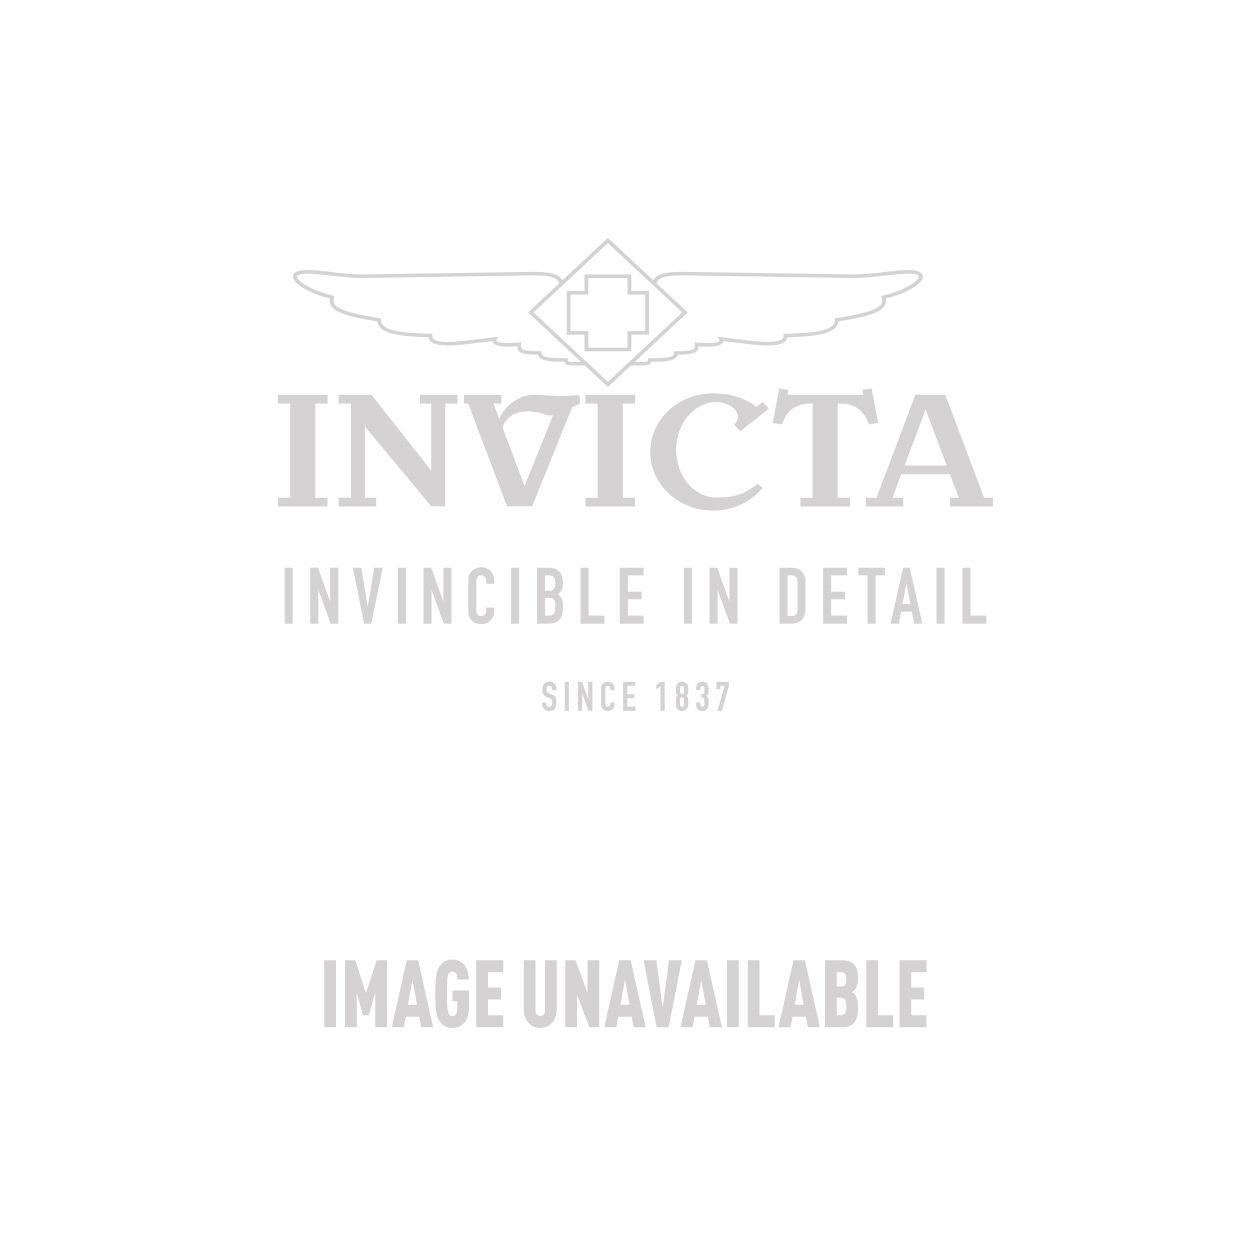 Invicta Model 22562